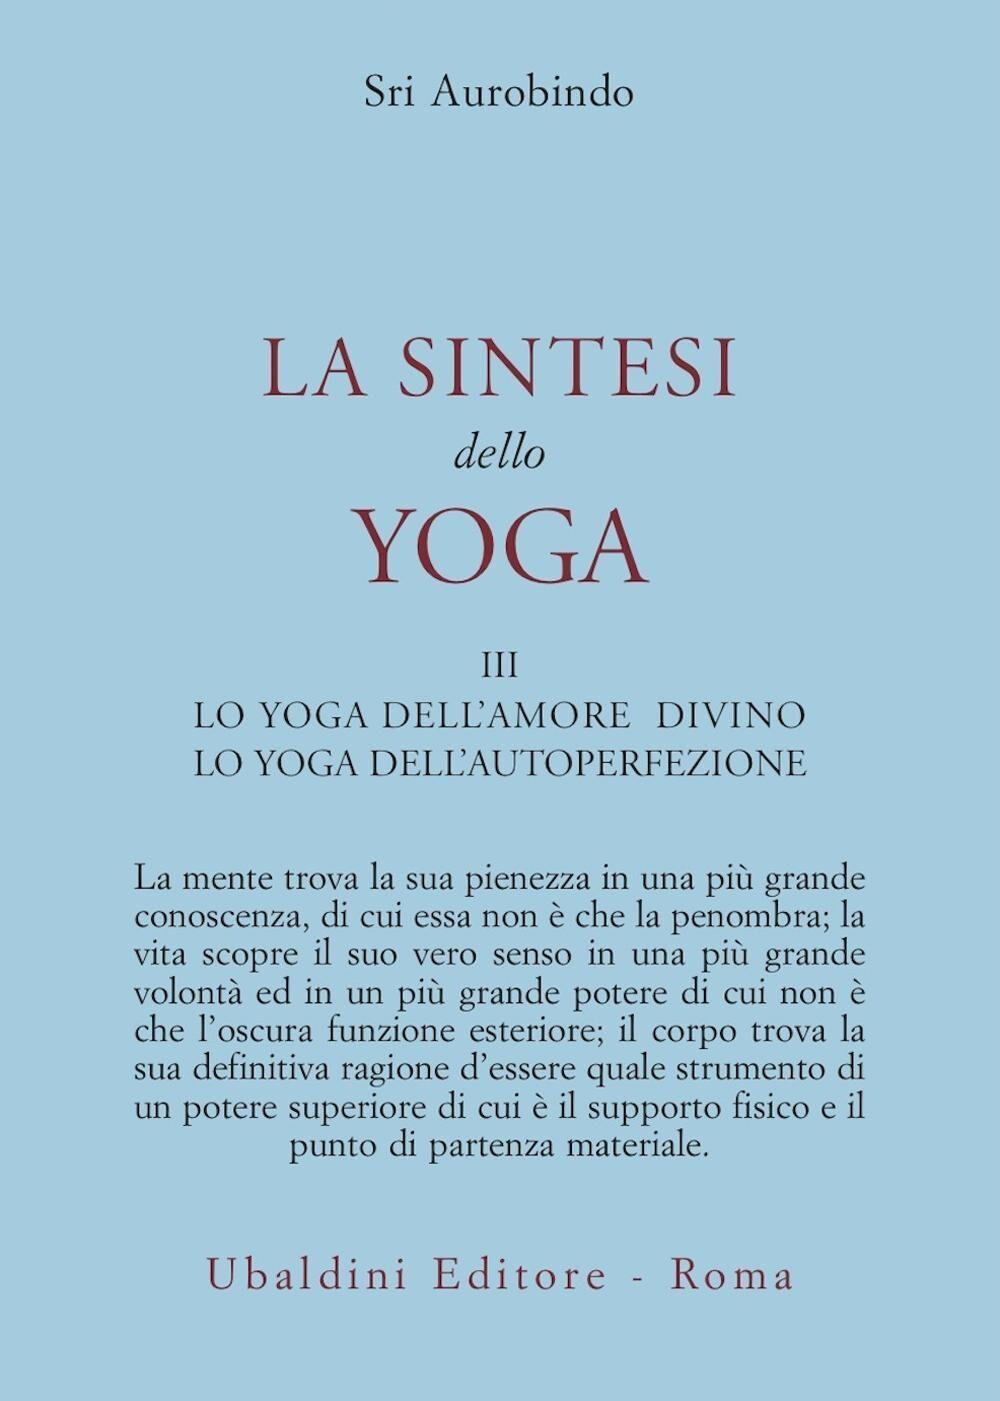 La sintesi dello yoga. Vol. 3